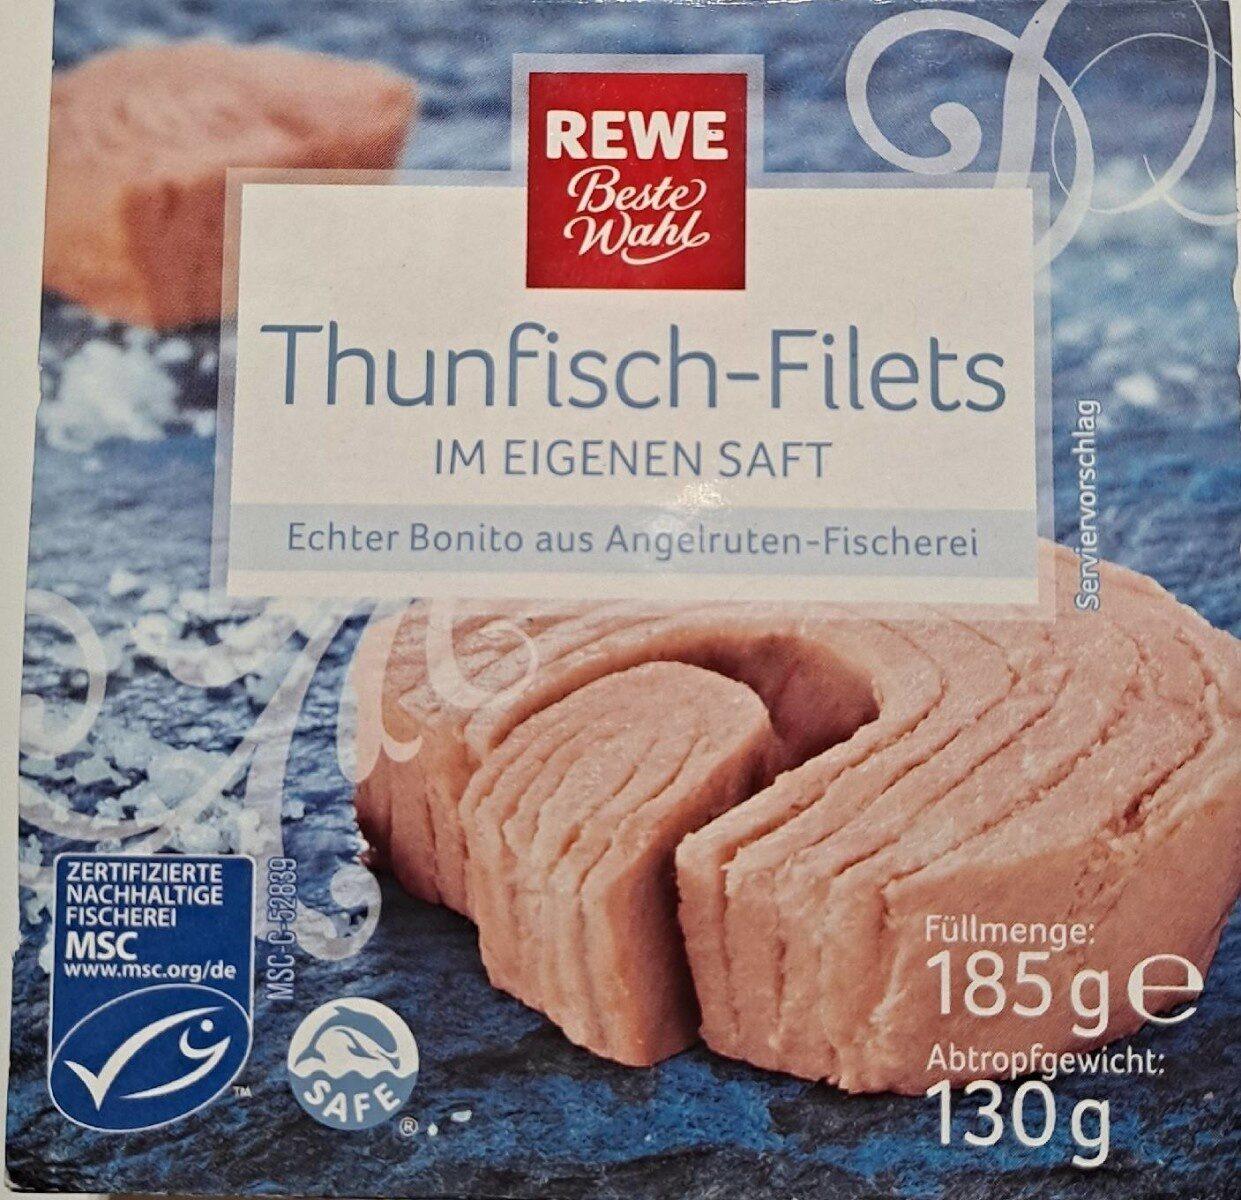 Thunfisch-Filets im Eigenen Saft - Produkt - de